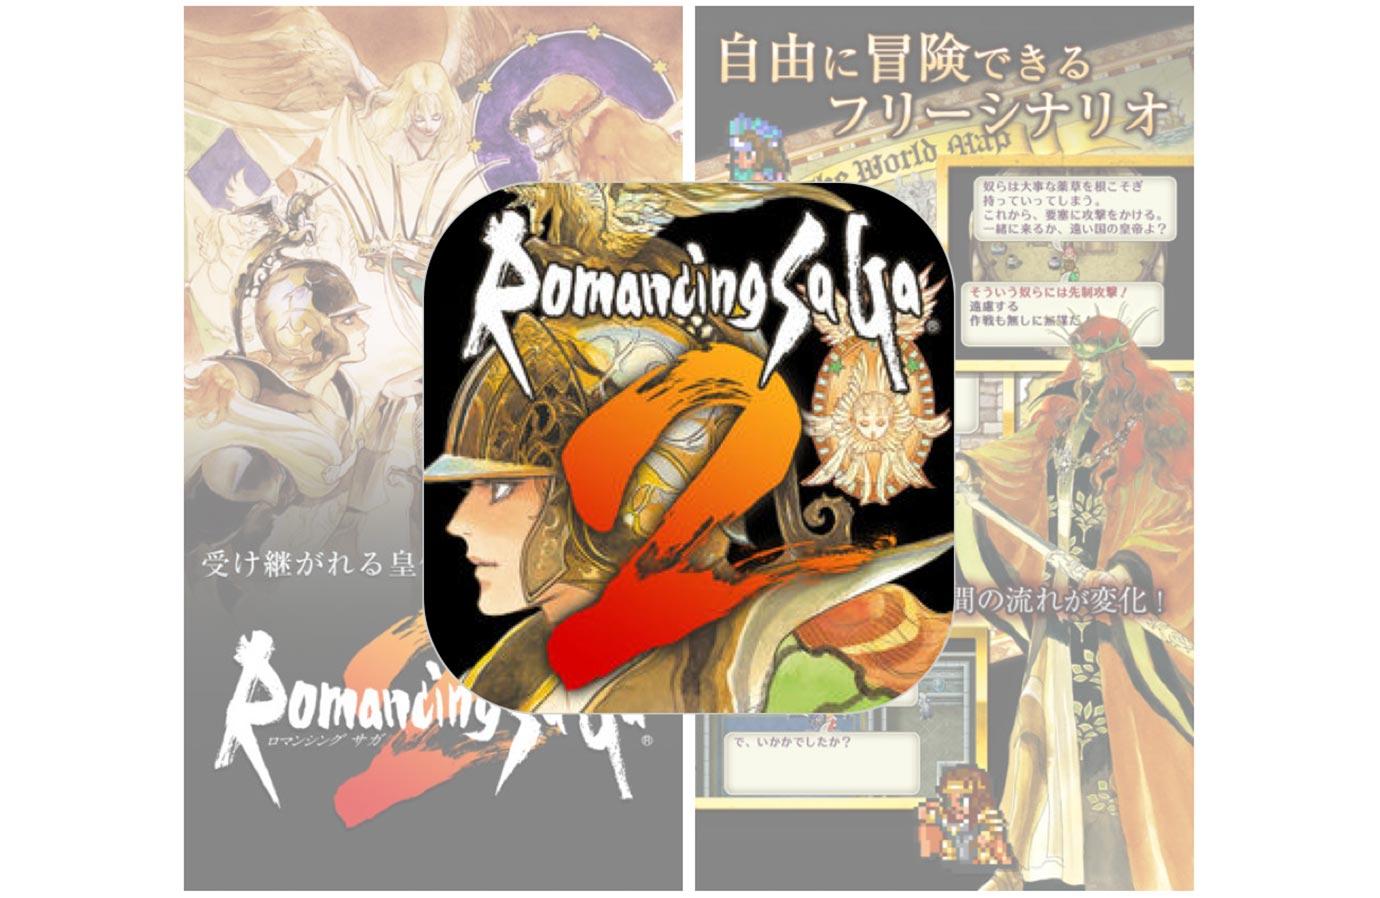 【18%オフ】スクエニ、iOSアプリ「ロマンシング サガ2」を1,800円で配信中